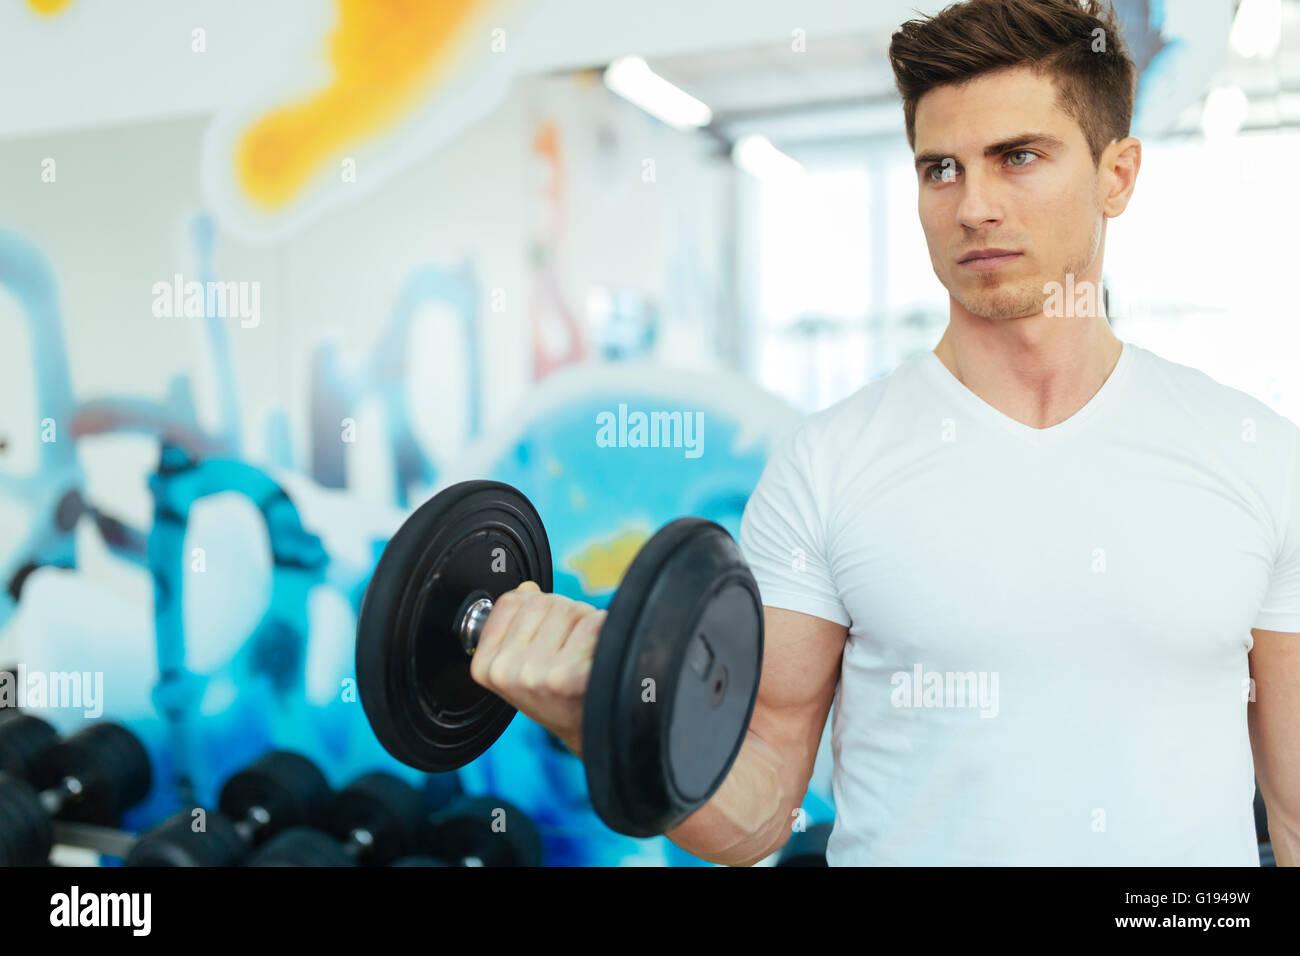 Guapo levantamiento de pesas en el gimnasio y mantenerse en forma Imagen De Stock